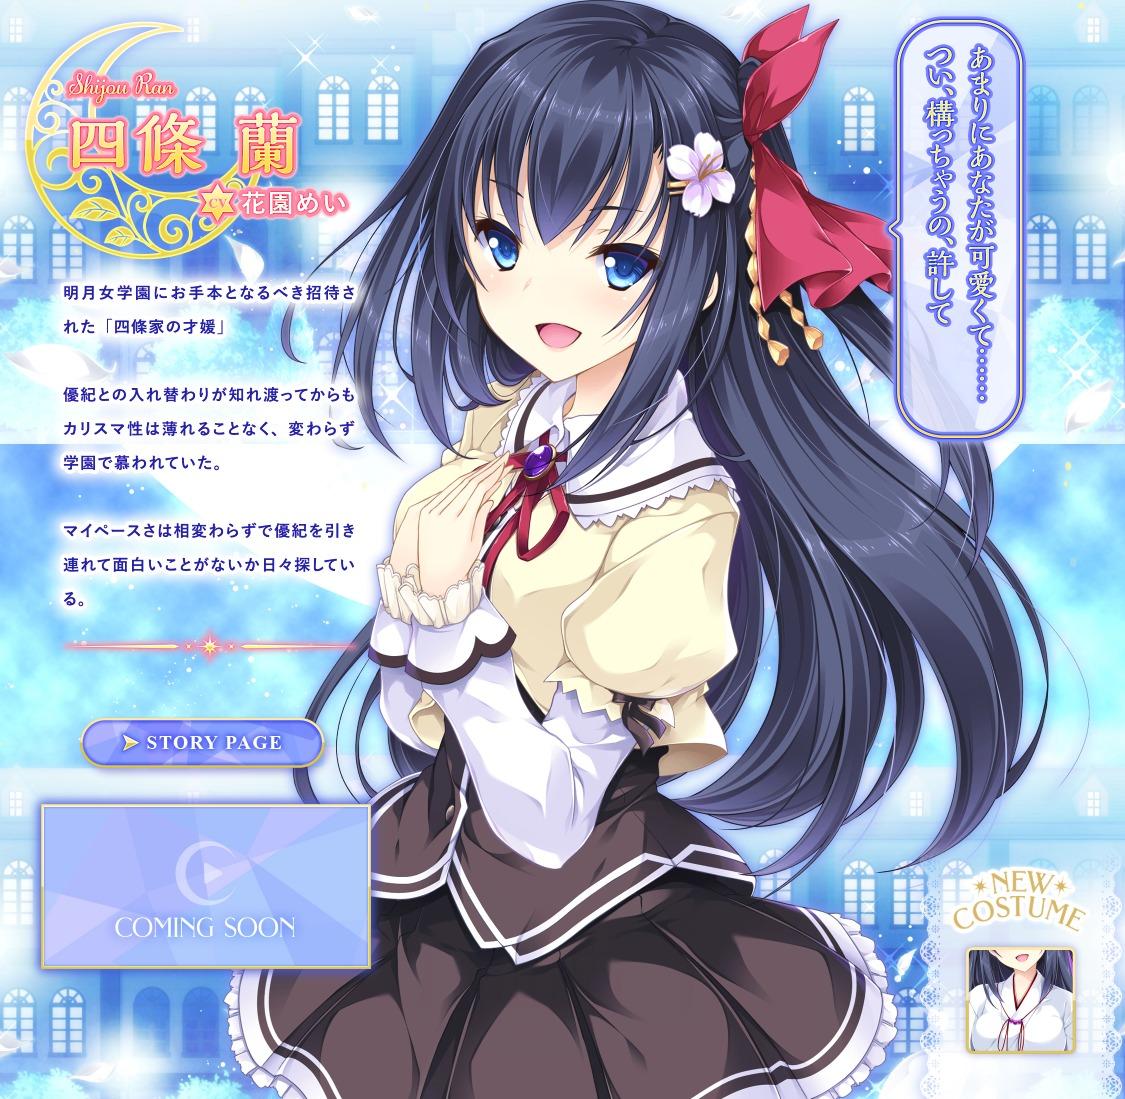 乙女が結ぶ月夜の煌めき Fullmoon Days 公式サイト Character:四條蘭2